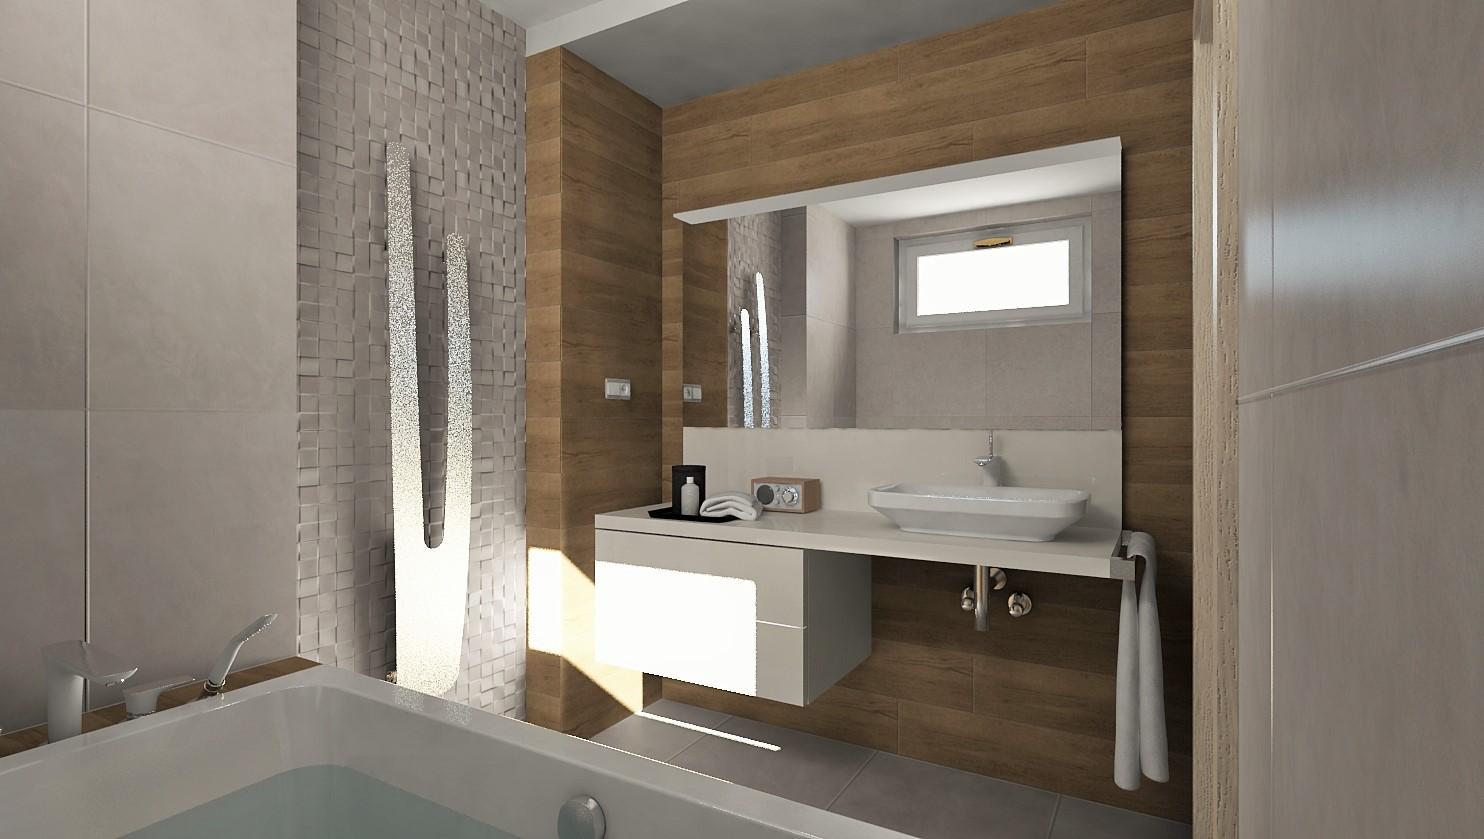 Vizualizácie kúpeľne - Vizualizácia kúpeľne s 3D mozaikou